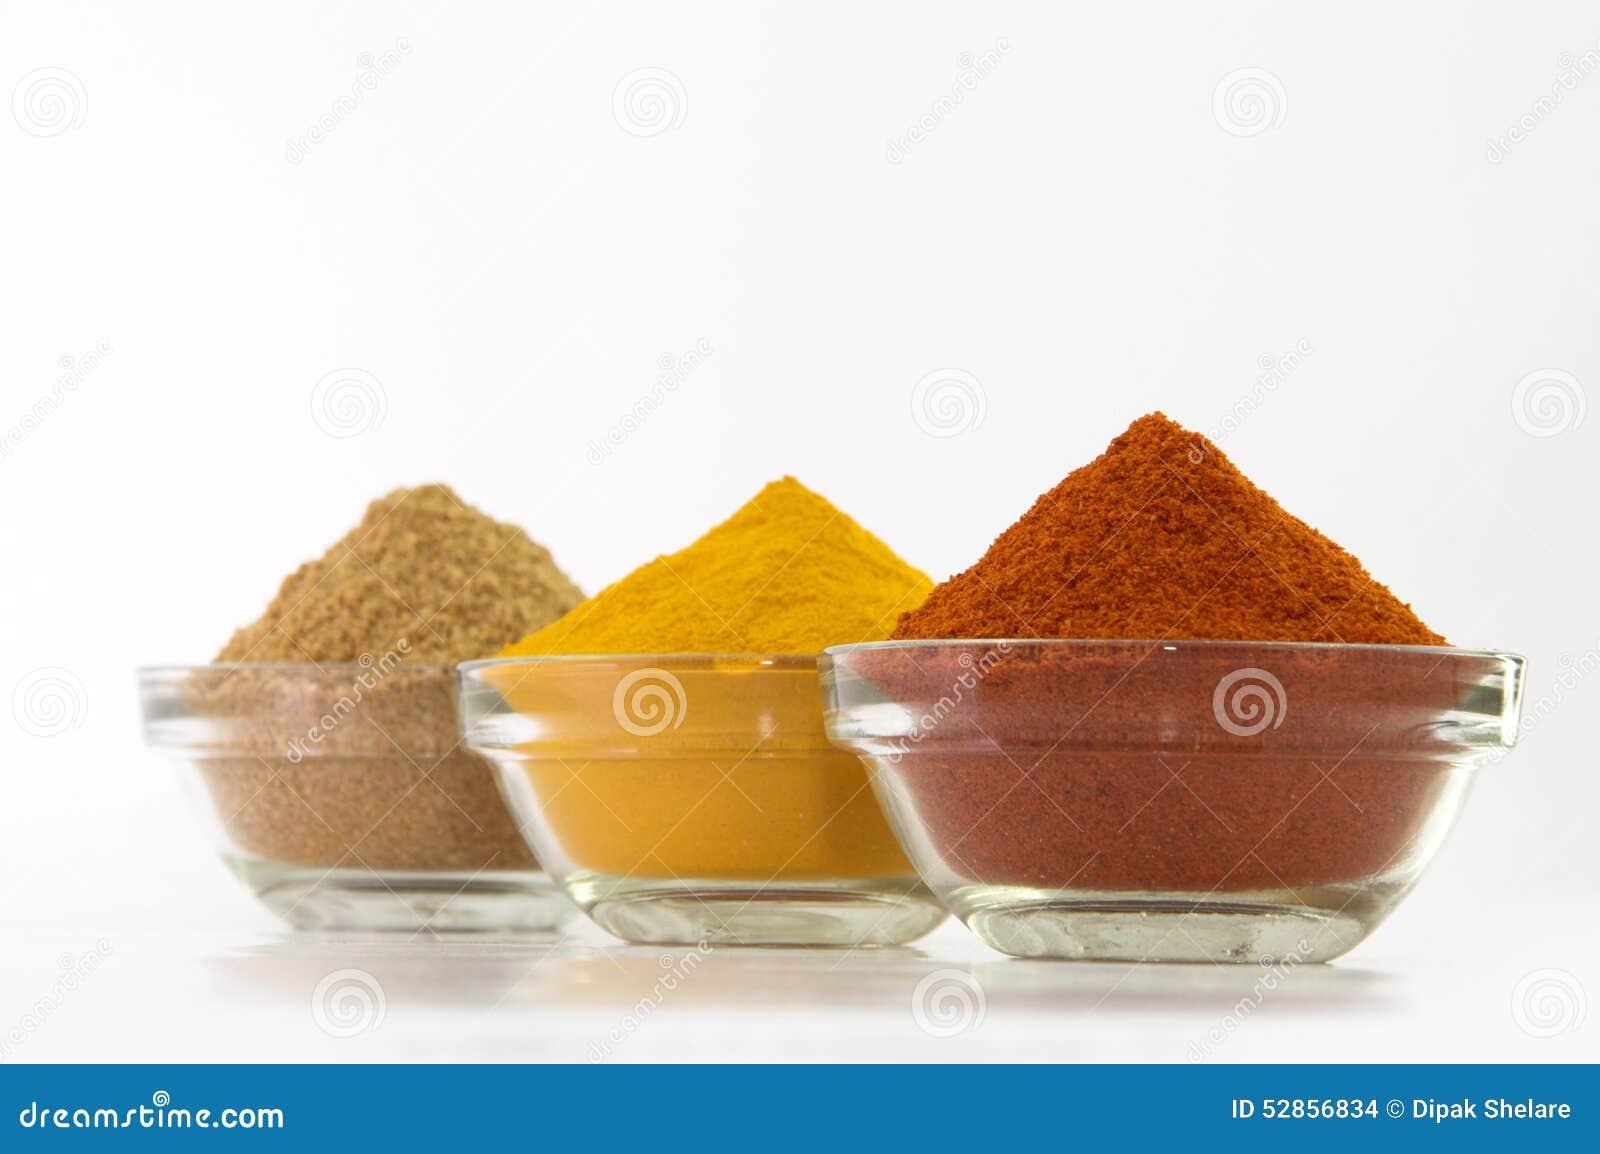 Poudre de poudre de piments, de poudre de safran des indes et de coriandre dans la cuvette